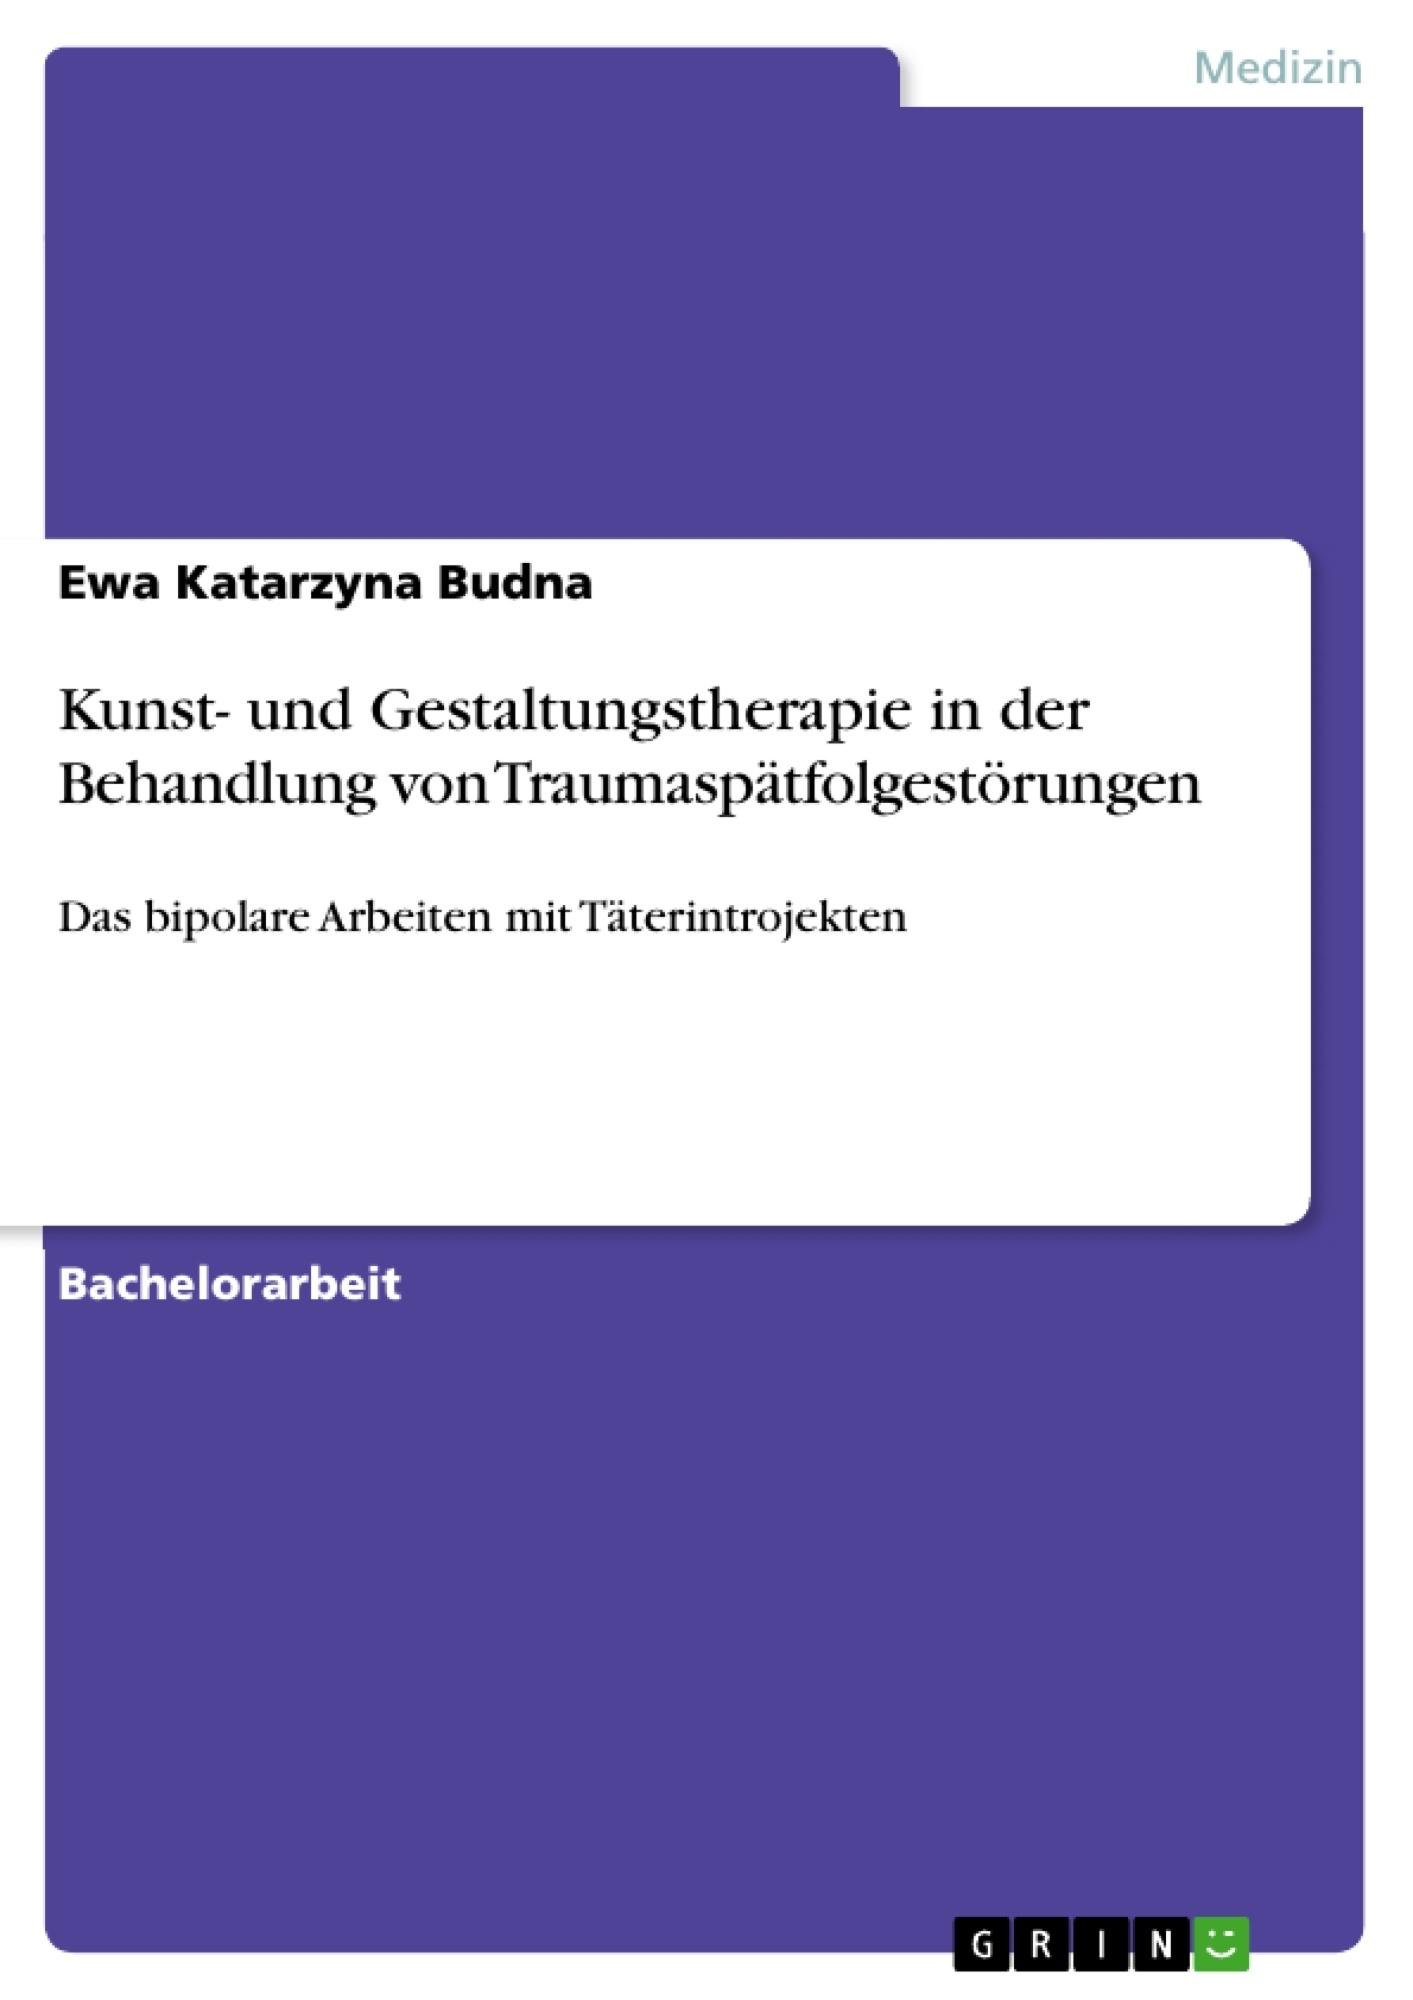 Titel: Kunst- und Gestaltungstherapie in der Behandlung von Traumaspätfolgestörungen